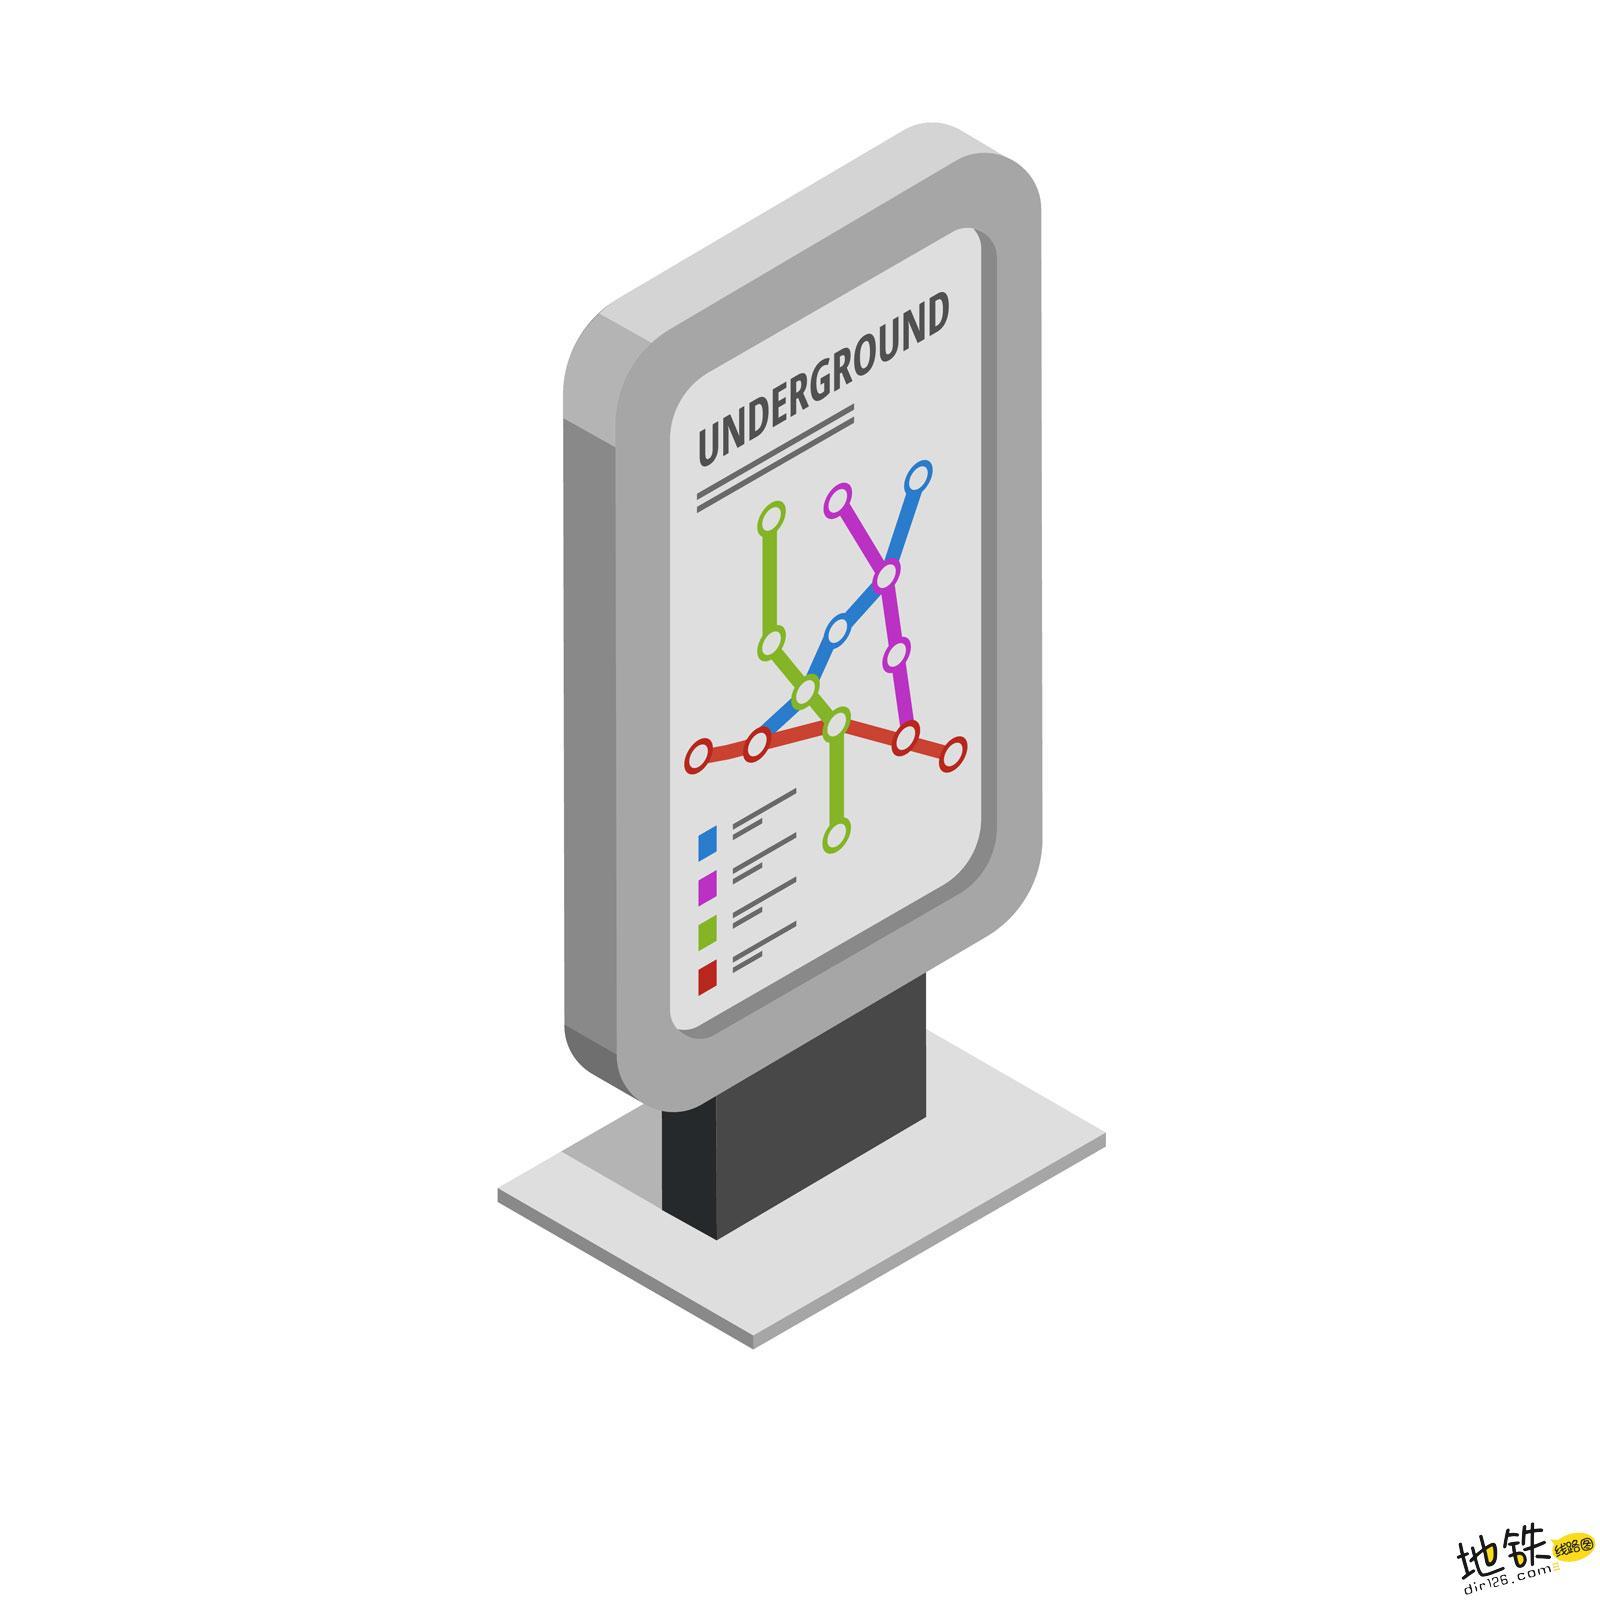 城市地铁轨道交通的发展历程 交通 发展 轨道交通 城市 地铁 轨道知识  第1张